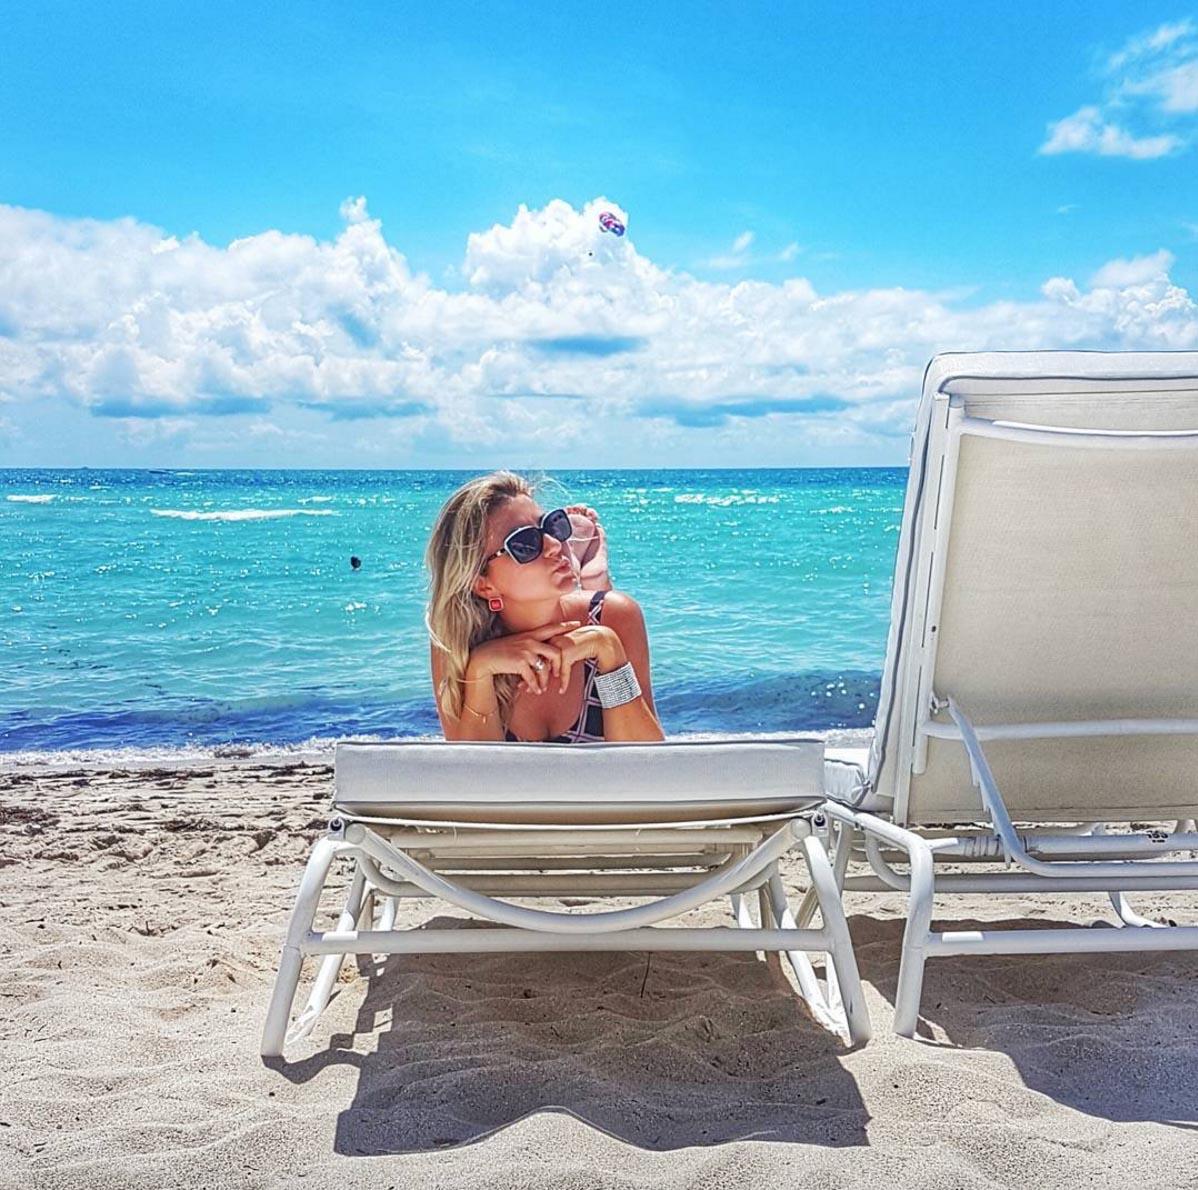 Dia lindo e ensolarado no mês de junho em Miami Beach